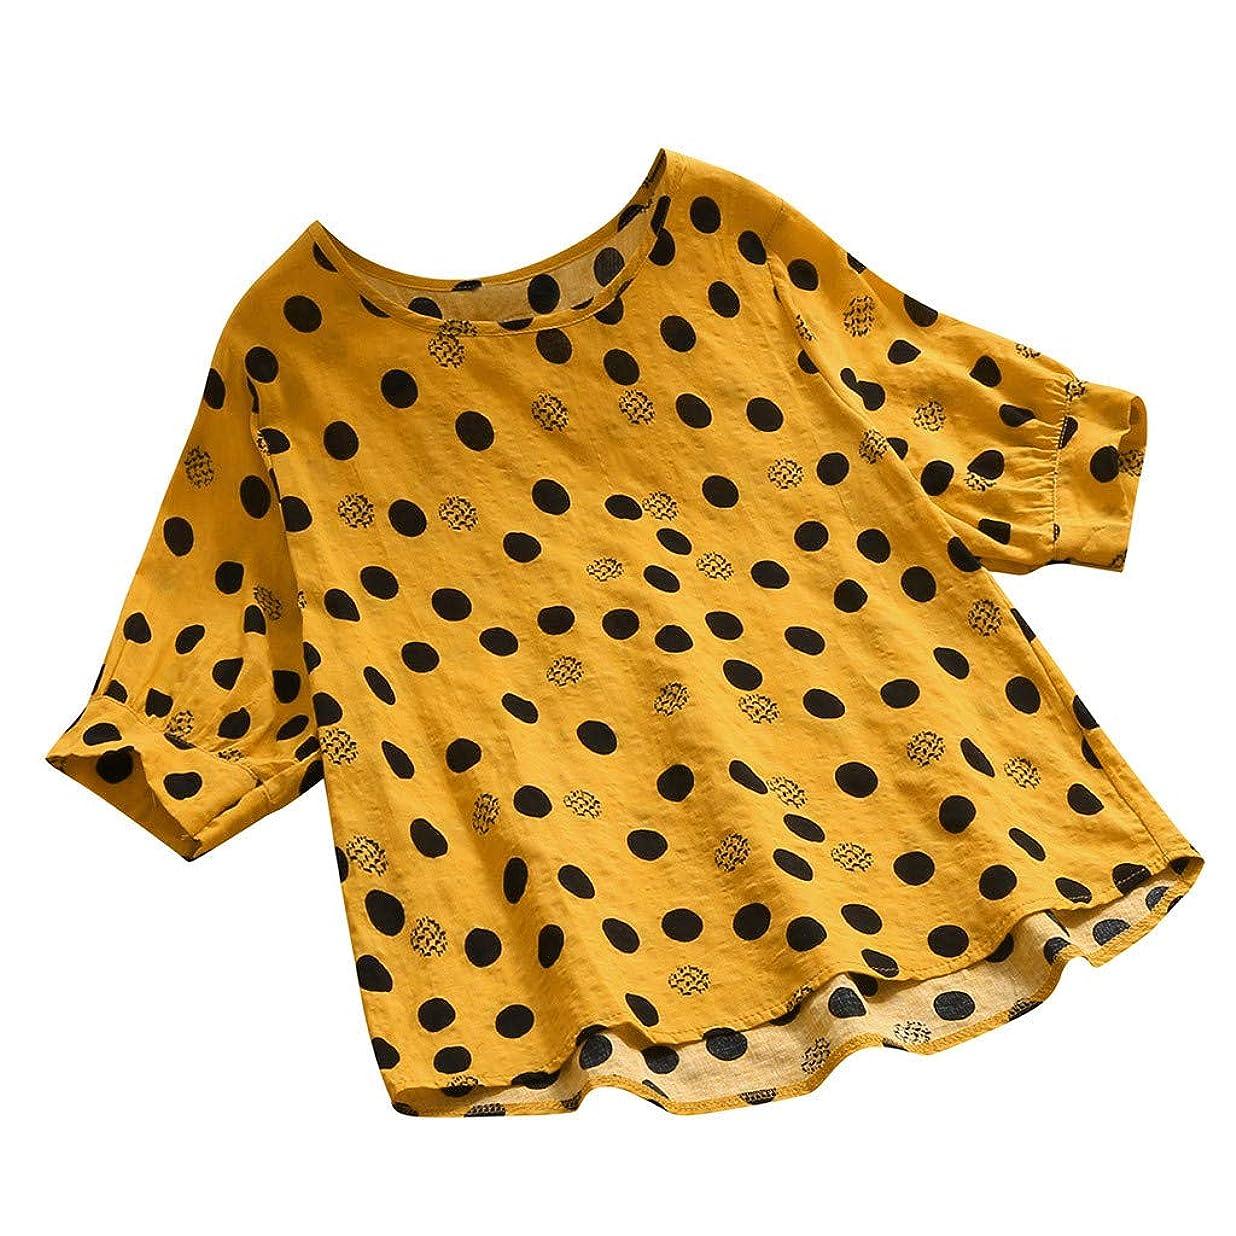 スパーク行未来レディース Tシャツ 半袖 トップス 水玉模様の印刷 丸首 ステッチ ブラウス 人気 夏服 無地 吸汗速乾 汗染み防止 快適な 軽い 柔らかい かっこいい ワイシャツ カジュアル シンプル オシャレ 春夏秋 対応